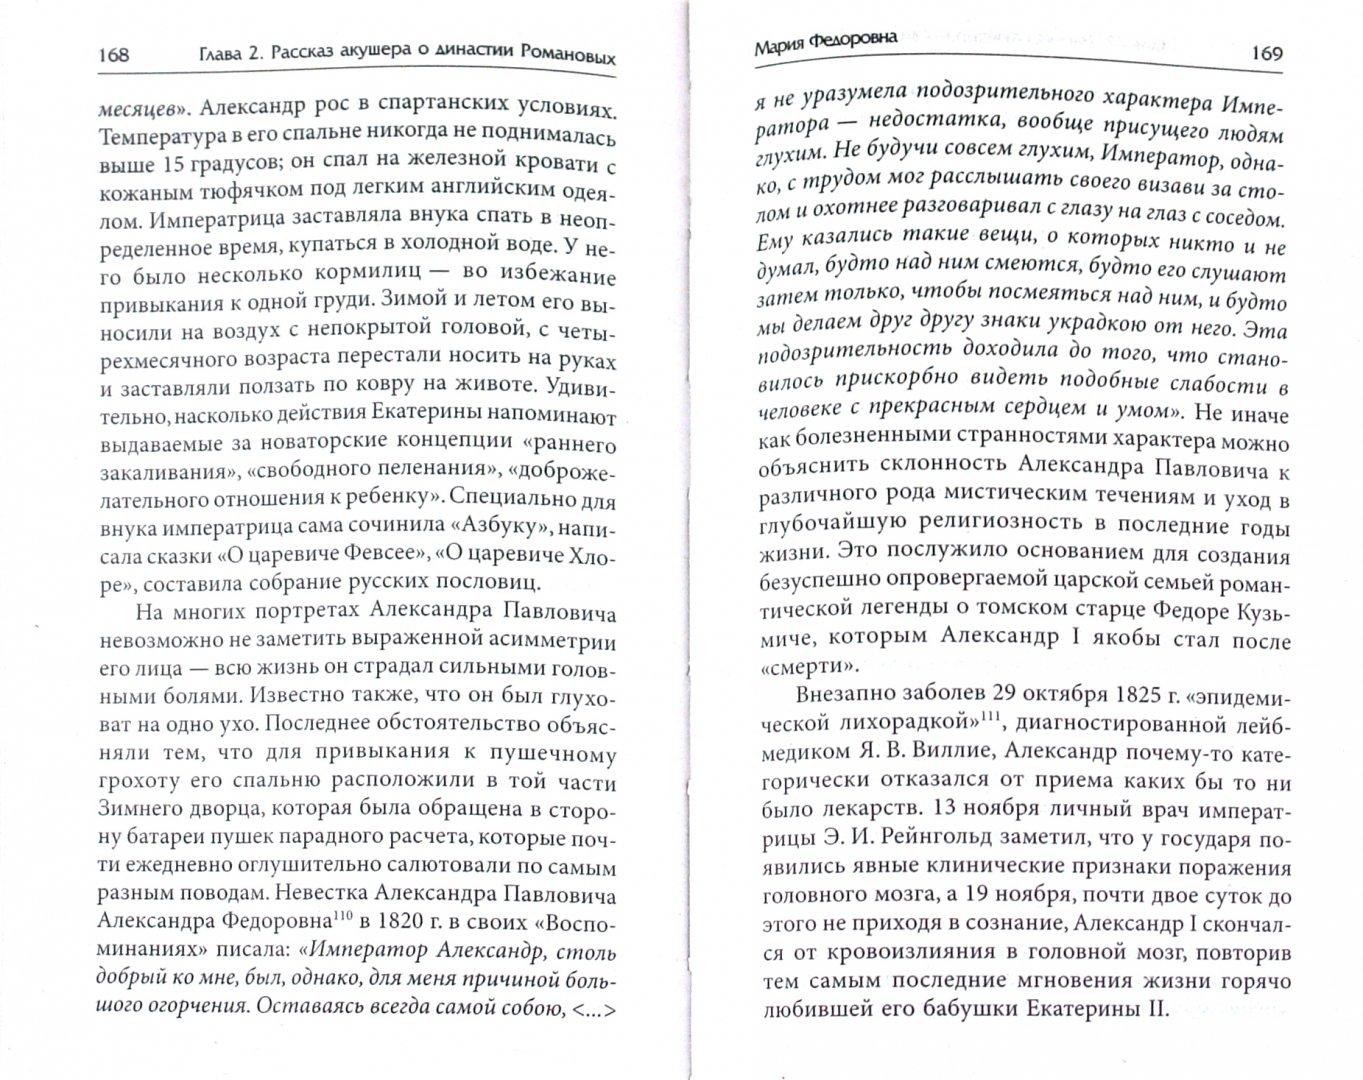 Иллюстрация 1 из 4 для Как рожали русские царицы - Аркадий Танаков | Лабиринт - книги. Источник: Лабиринт